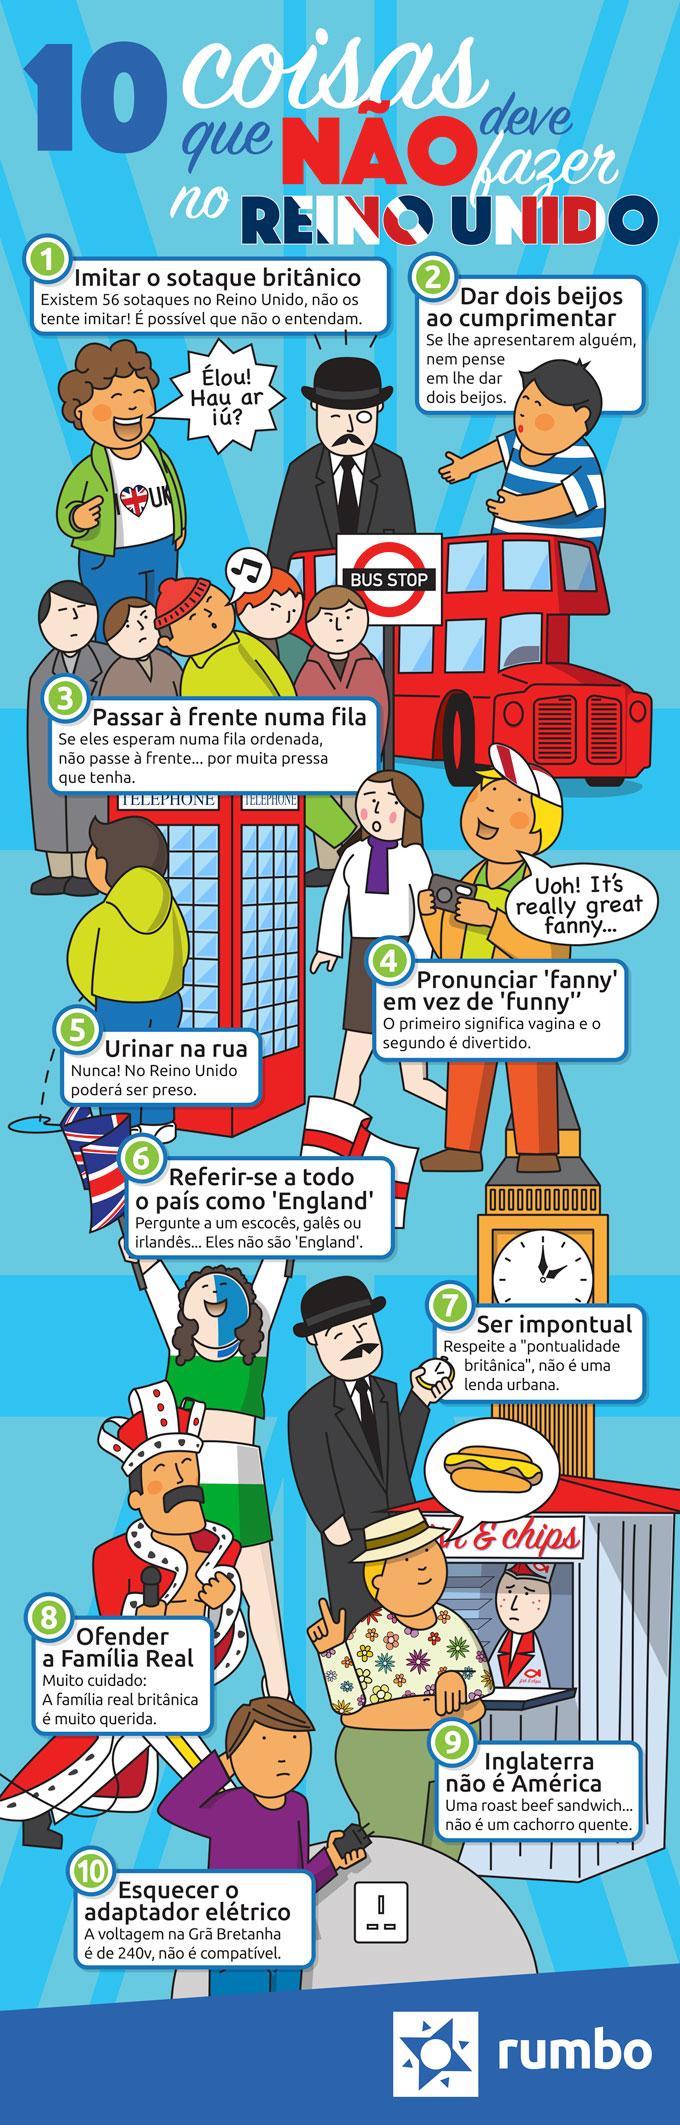 Dez coisas que nao deve fazer no Reino Unido